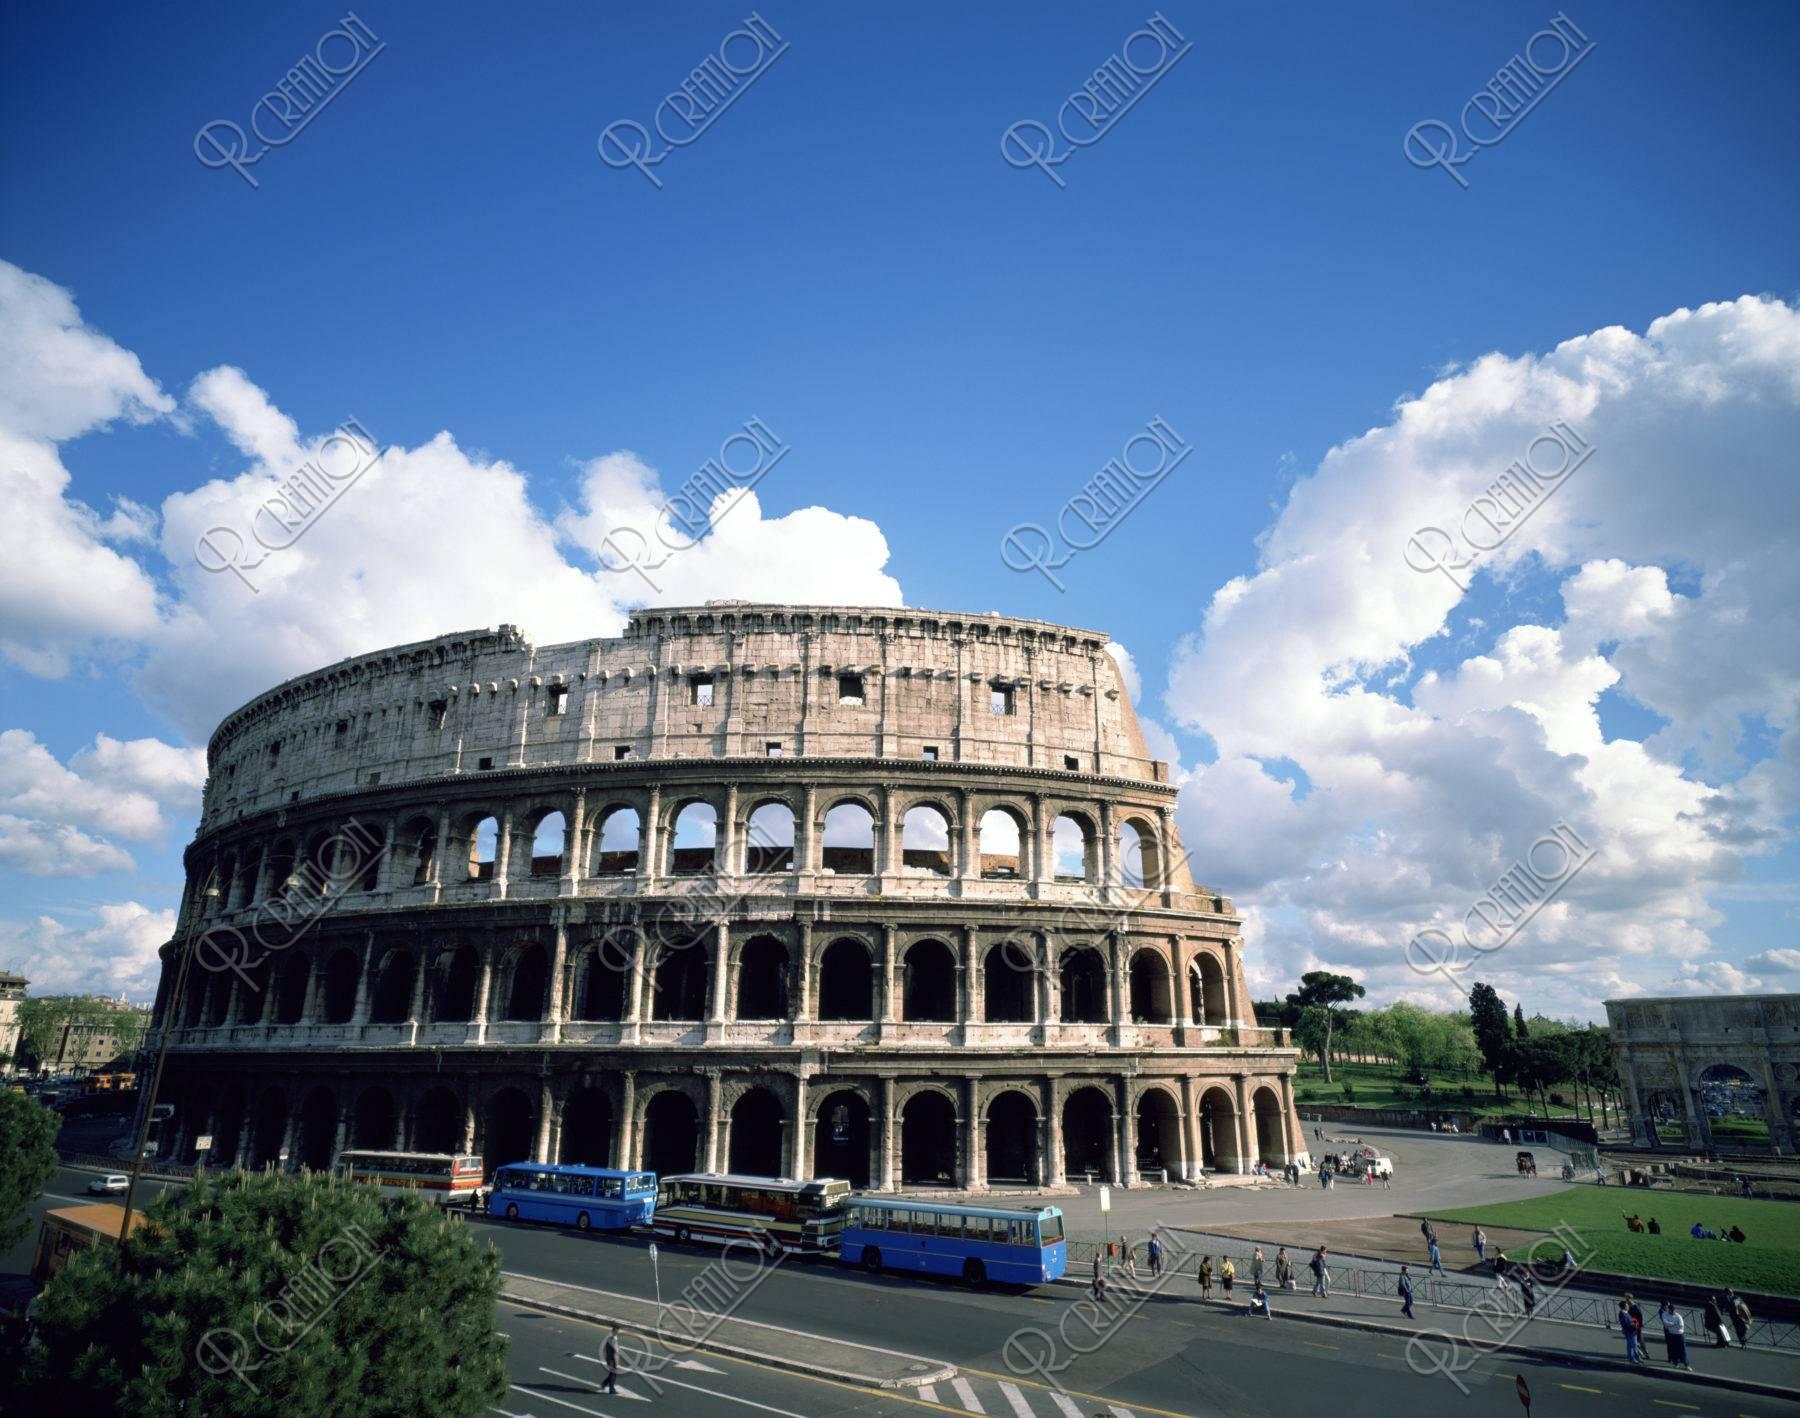 コロッセオ外観 イタリア